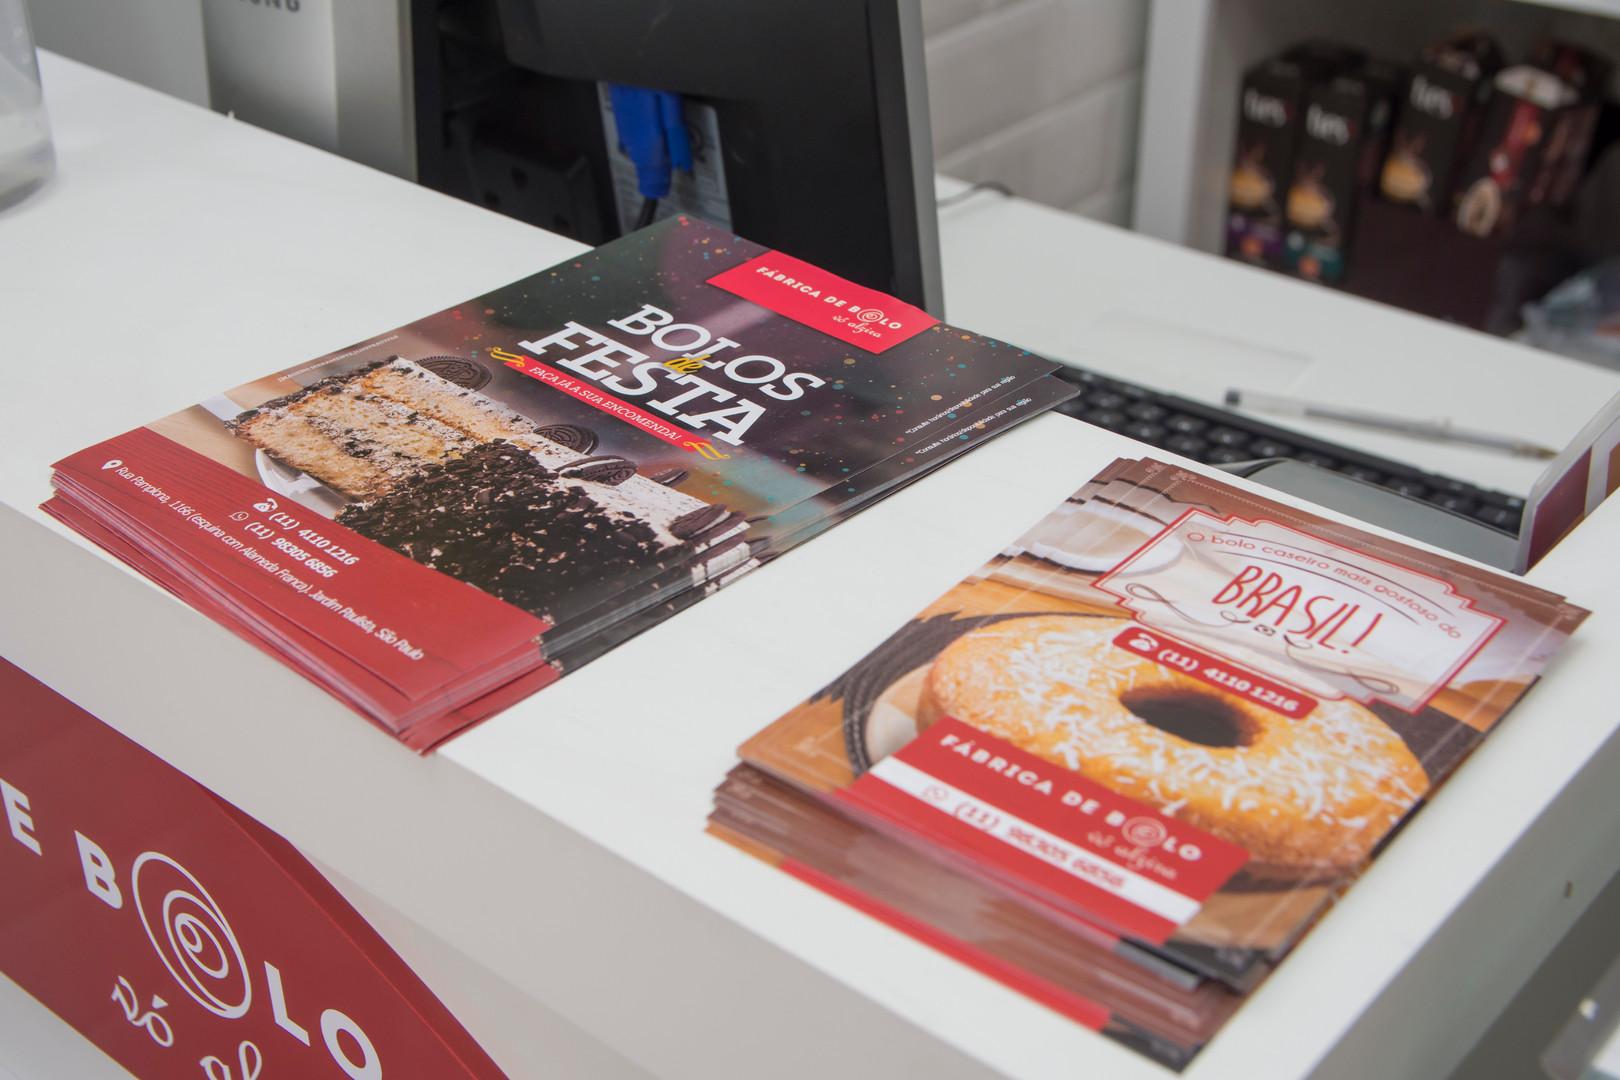 Material de Marketing personalizada para a rede Vó Alzira bolos caseiros